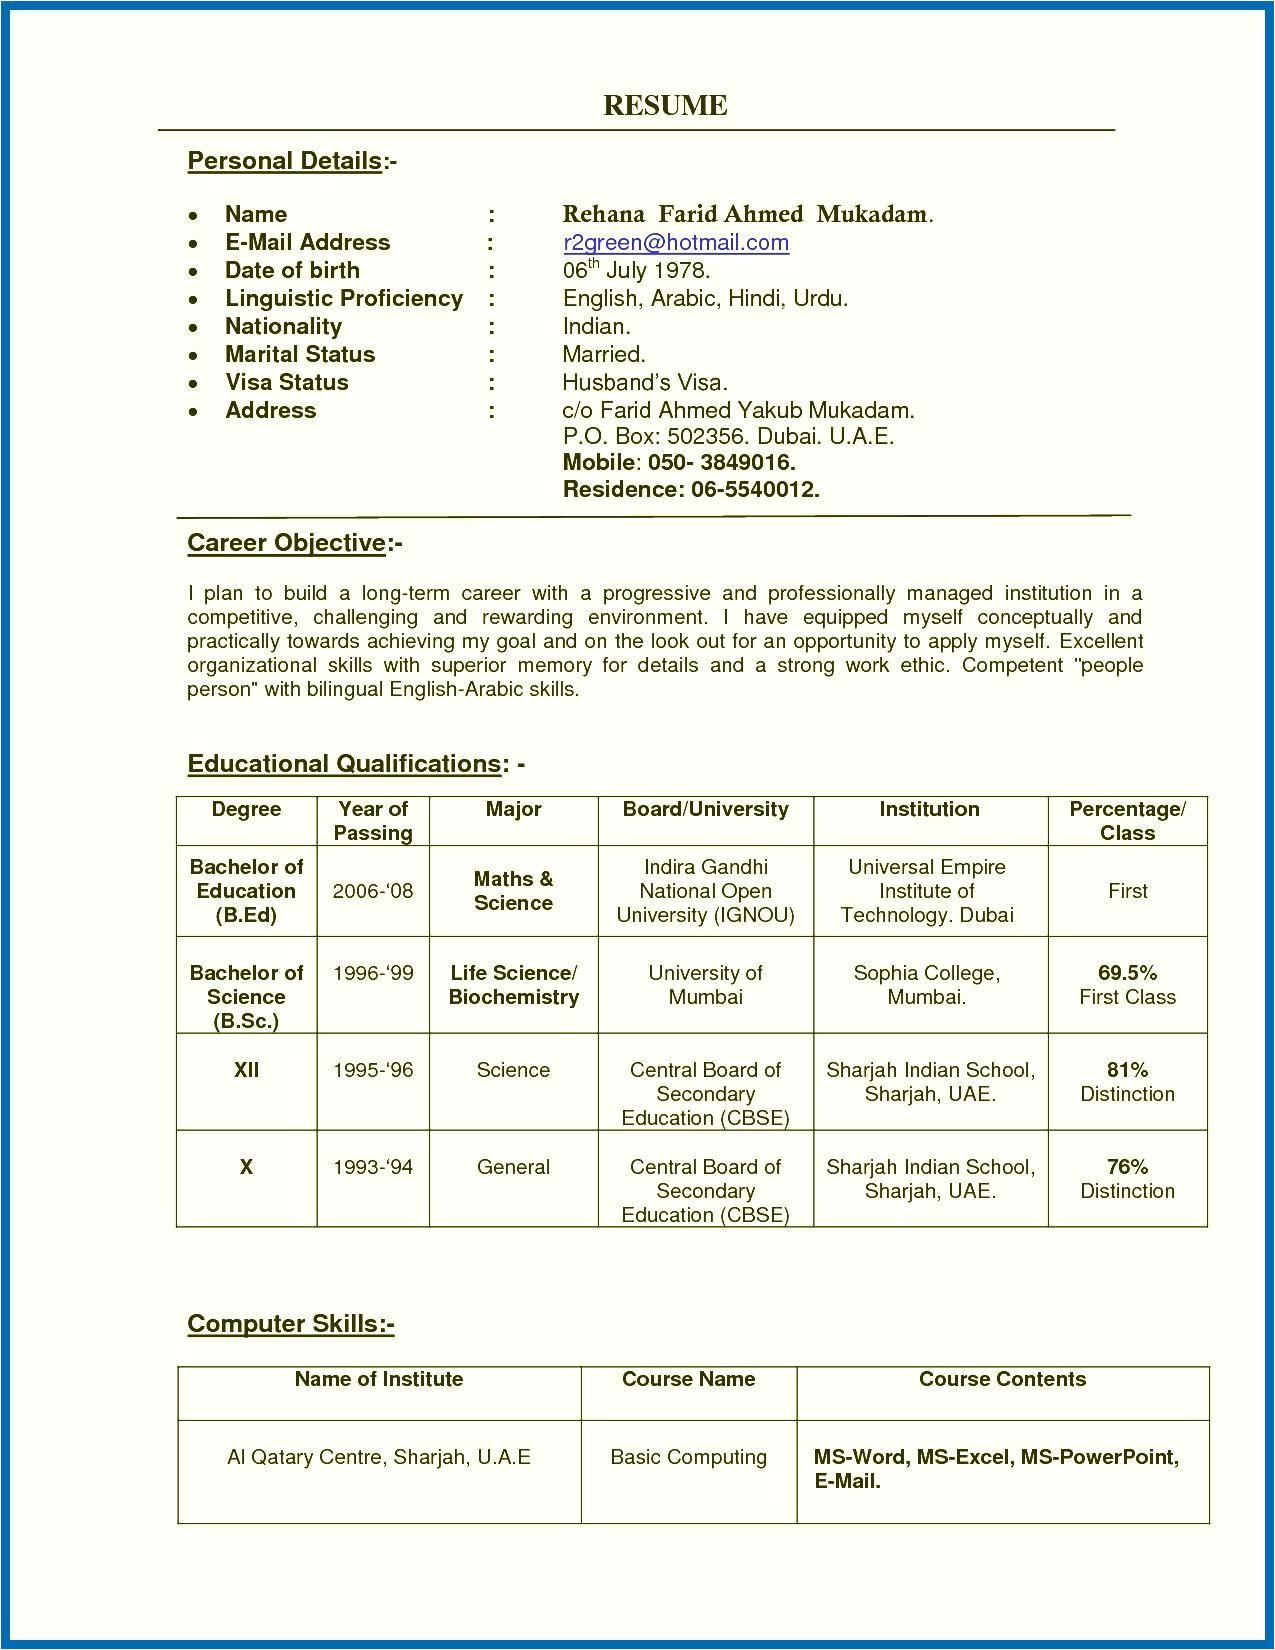 Resume format for Teacher Job In India Resume Of A Teacher India Teachers Resume format India